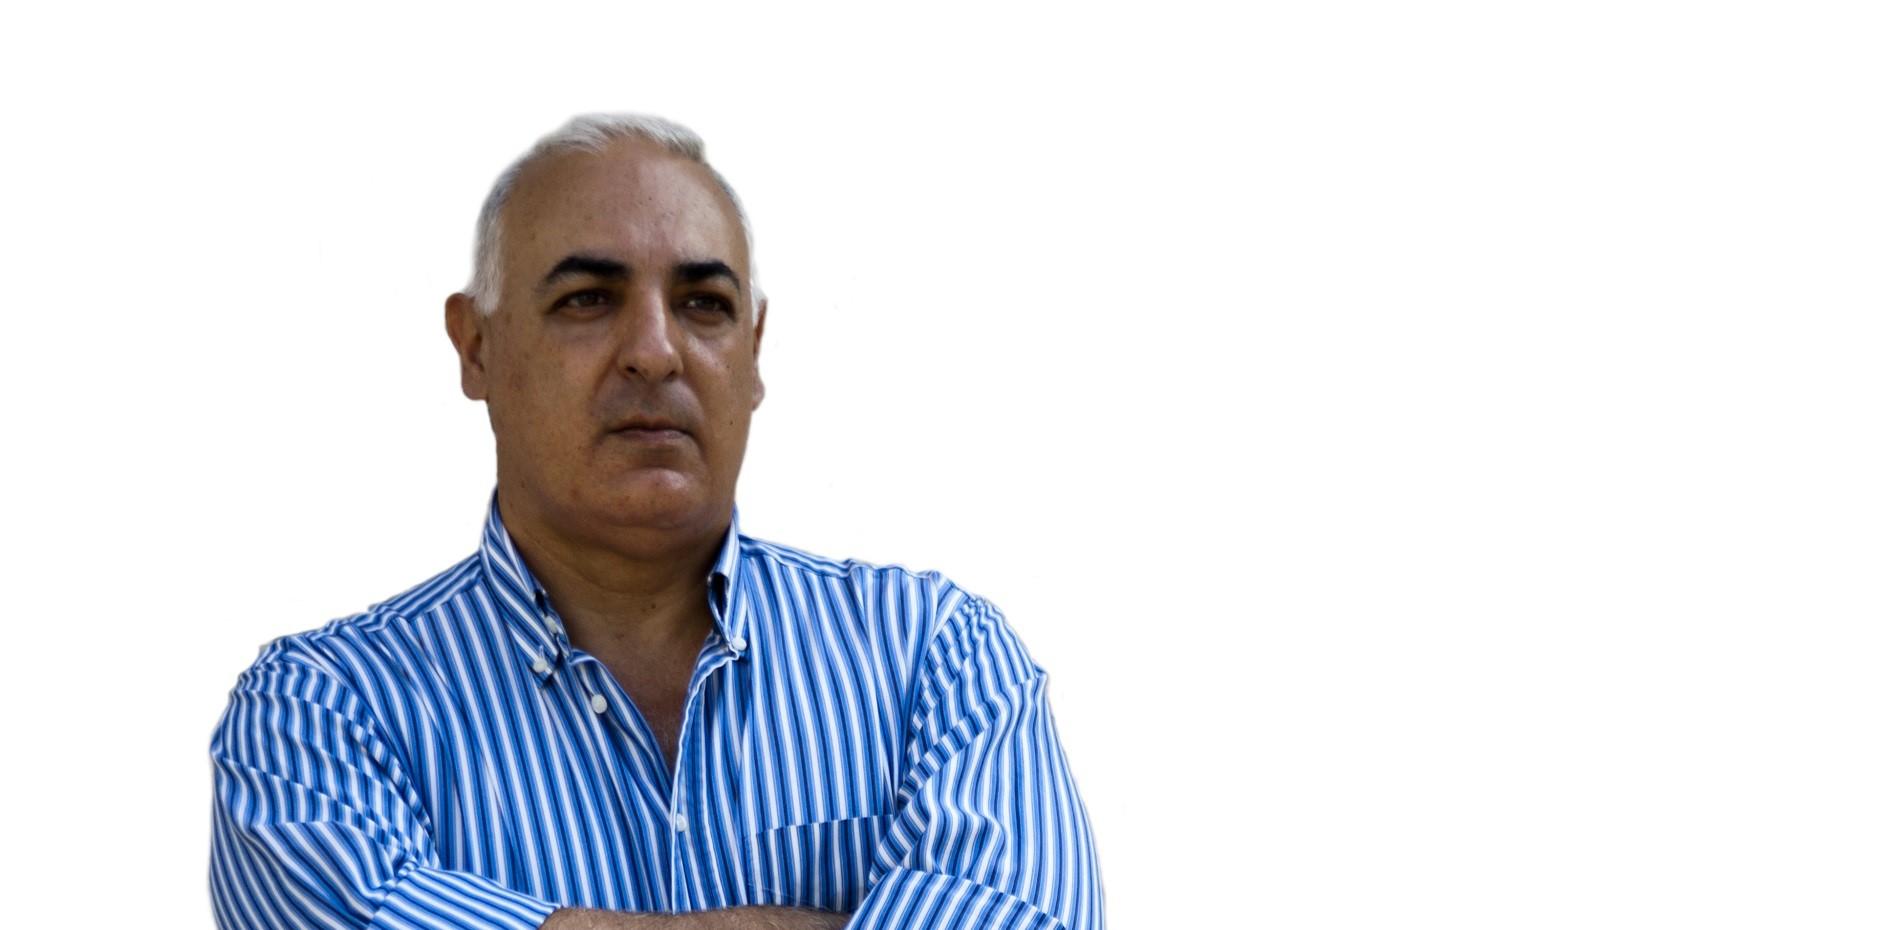 Avvocato Caporaso Gottlieb